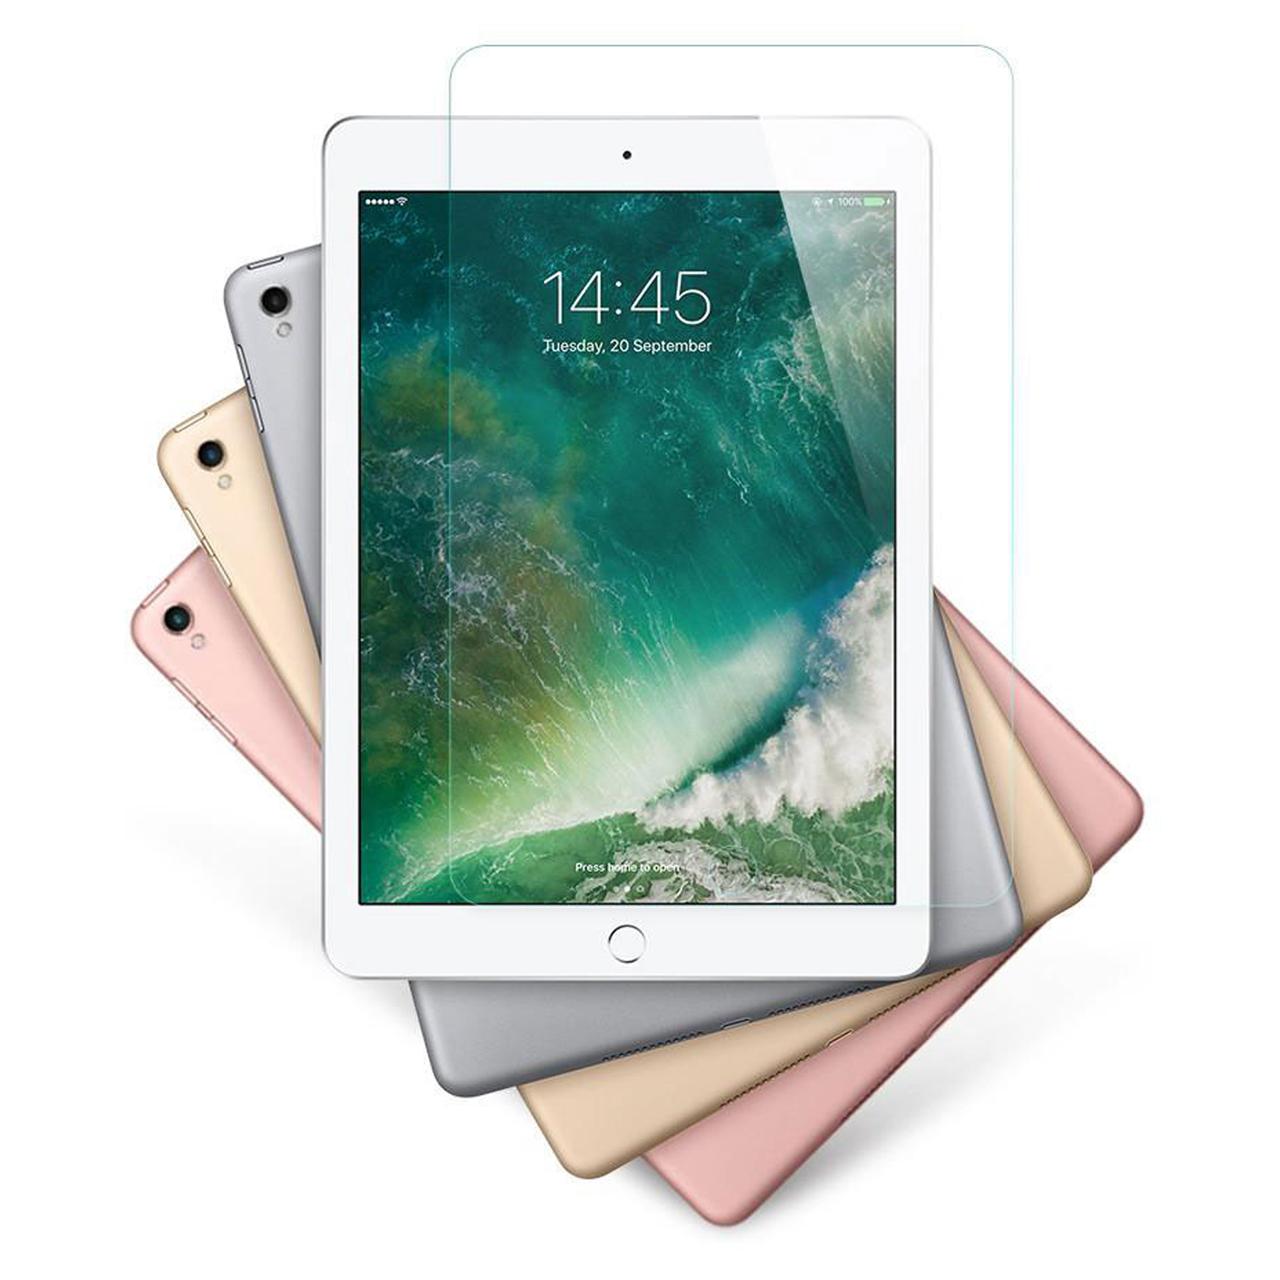 محافظ صفحه نمایش شیشه ای مدل RG مناسب برای تبلت اپل iPad pro 10.5